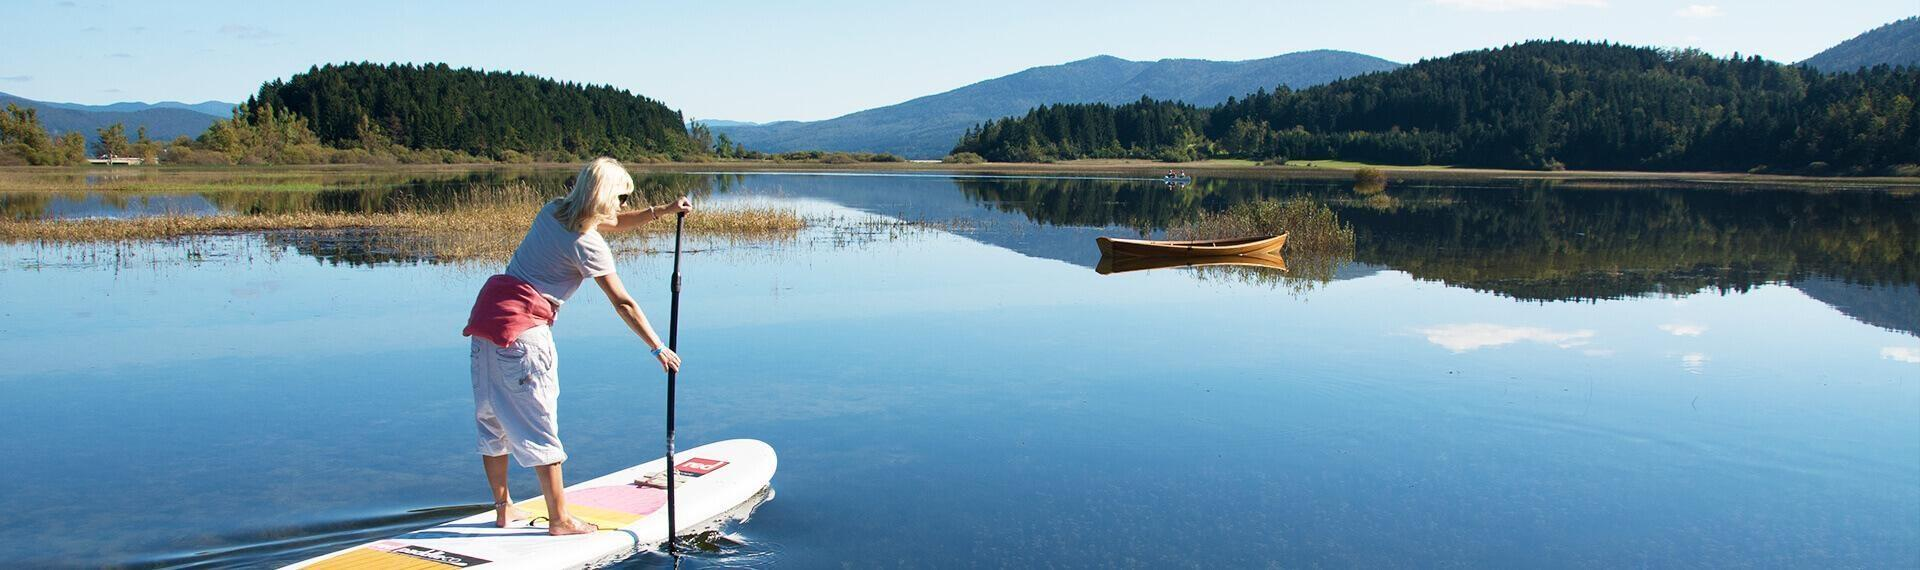 supanje-cerknisko-jezero